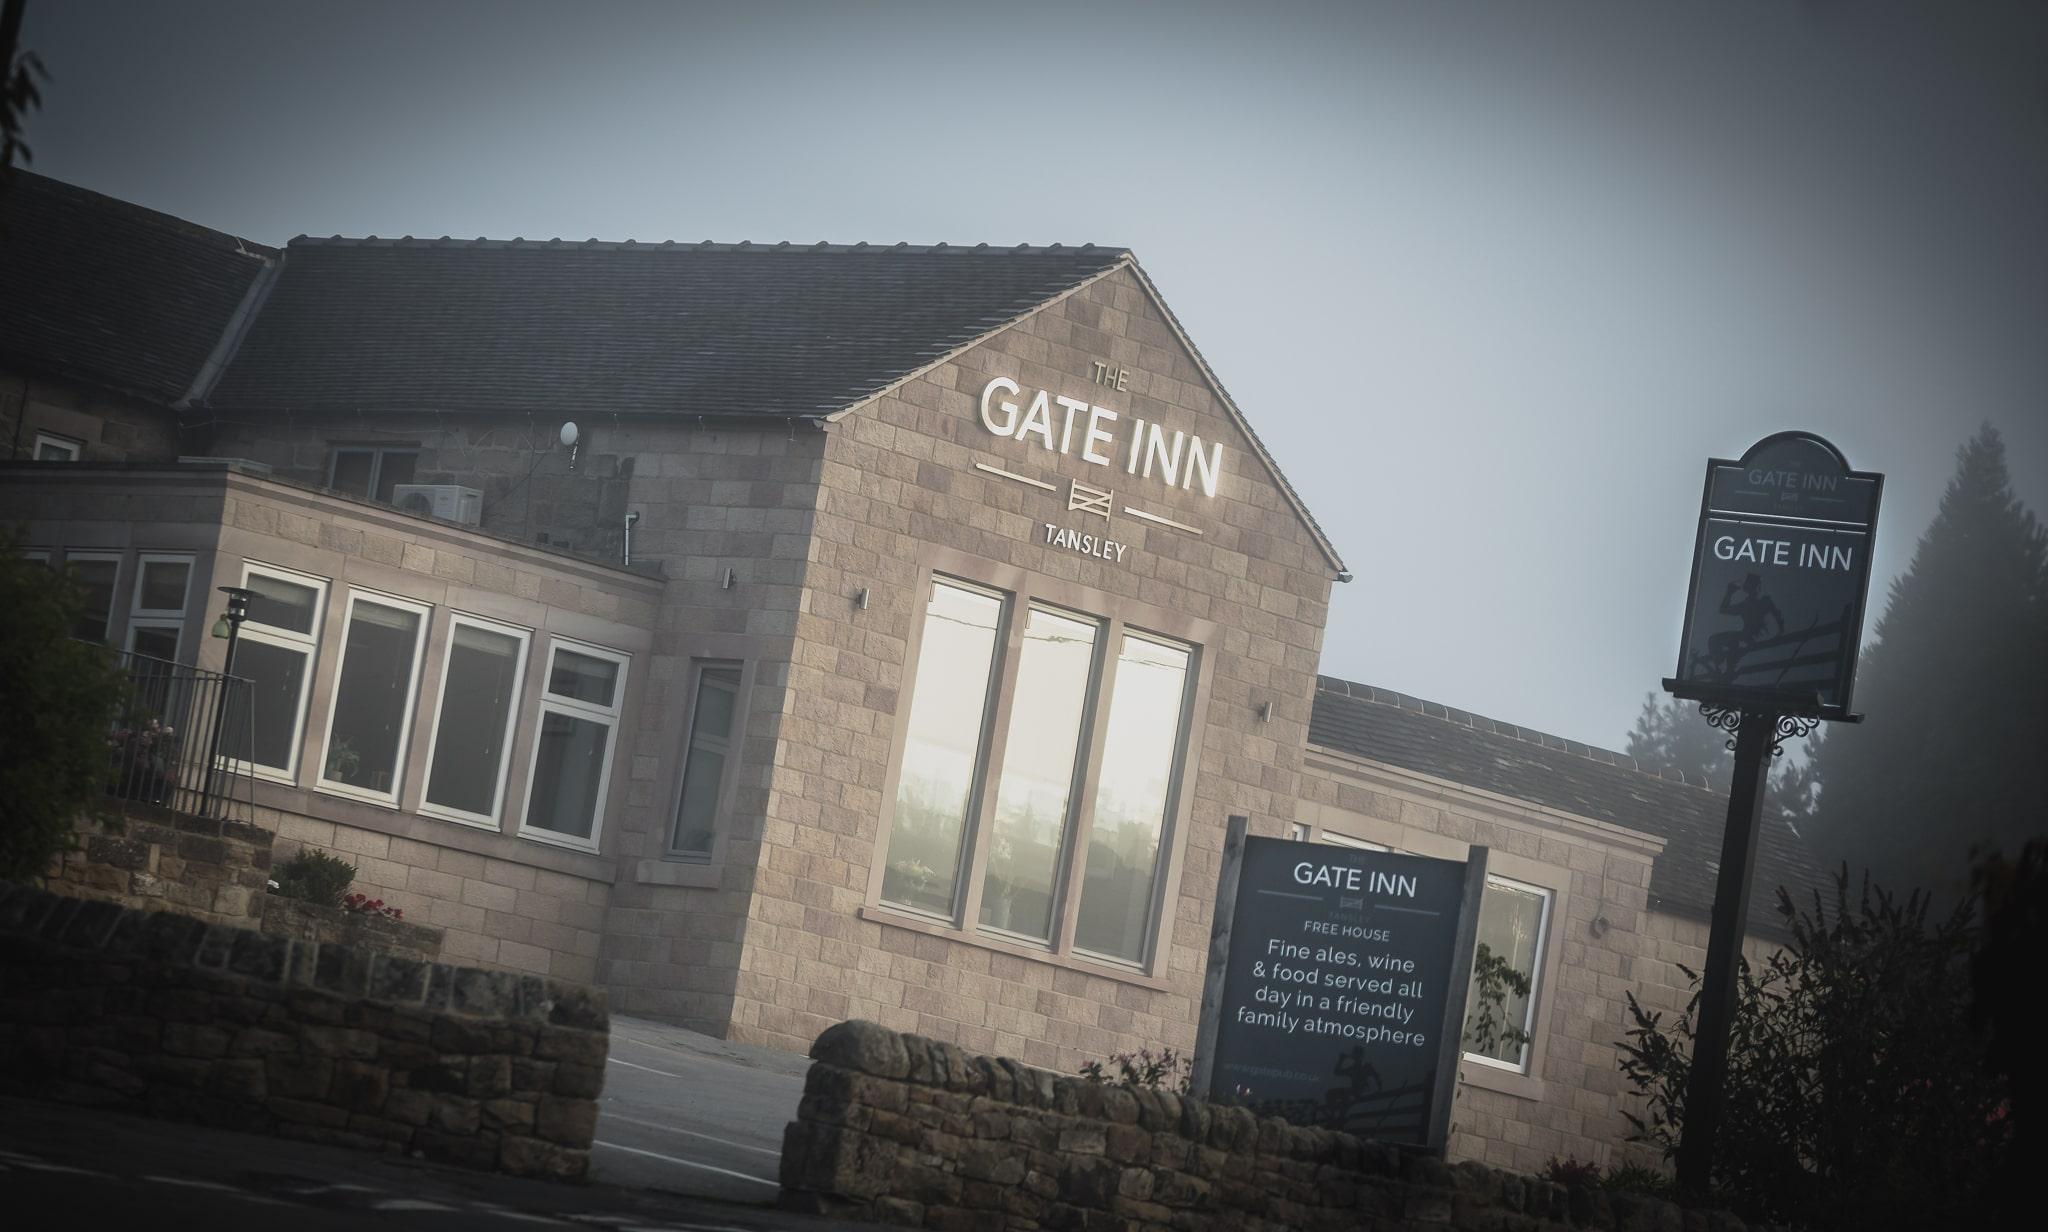 The Gate Inn Tansley